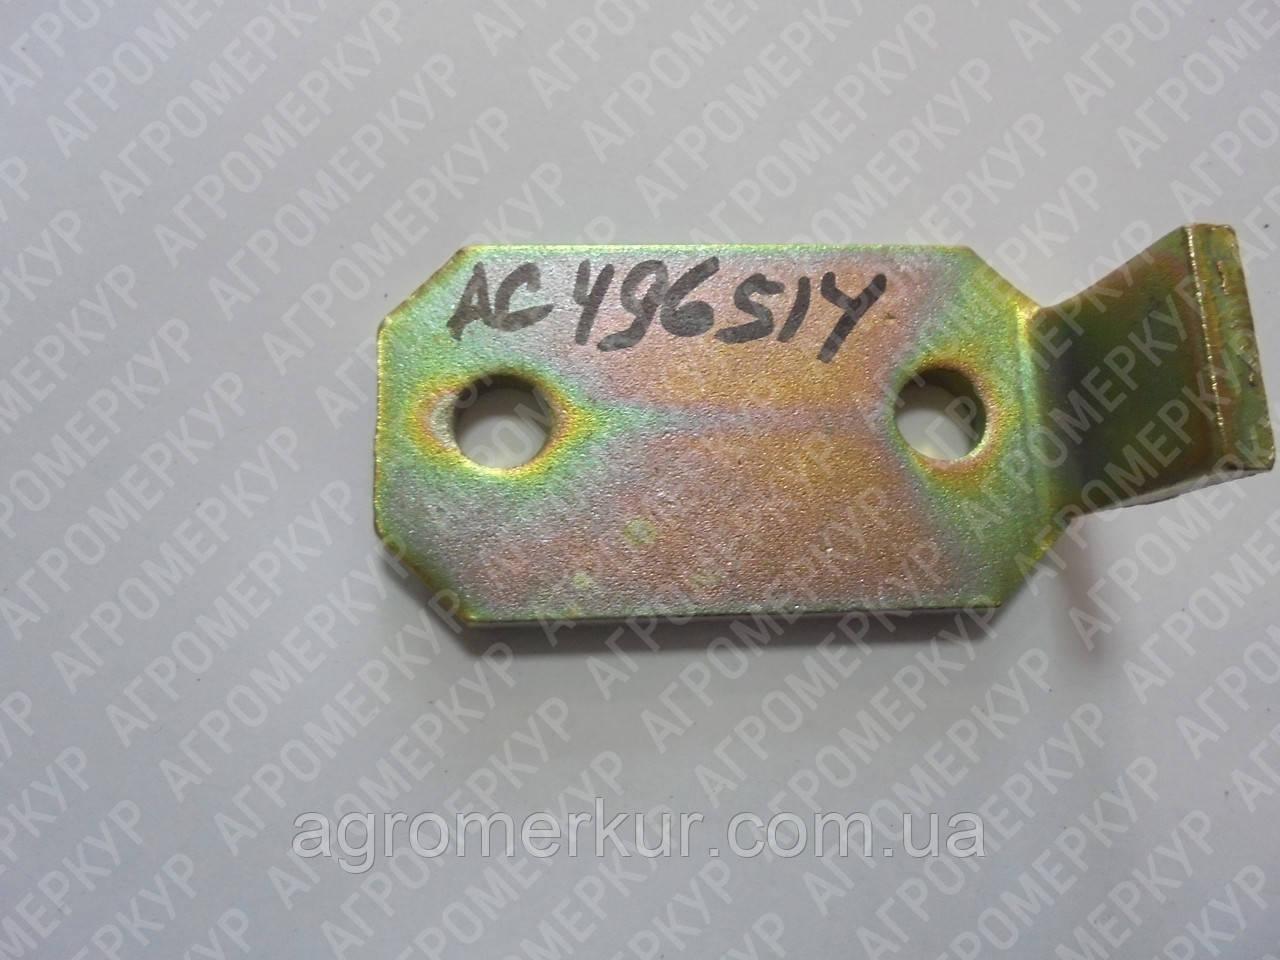 Супорт AC496514